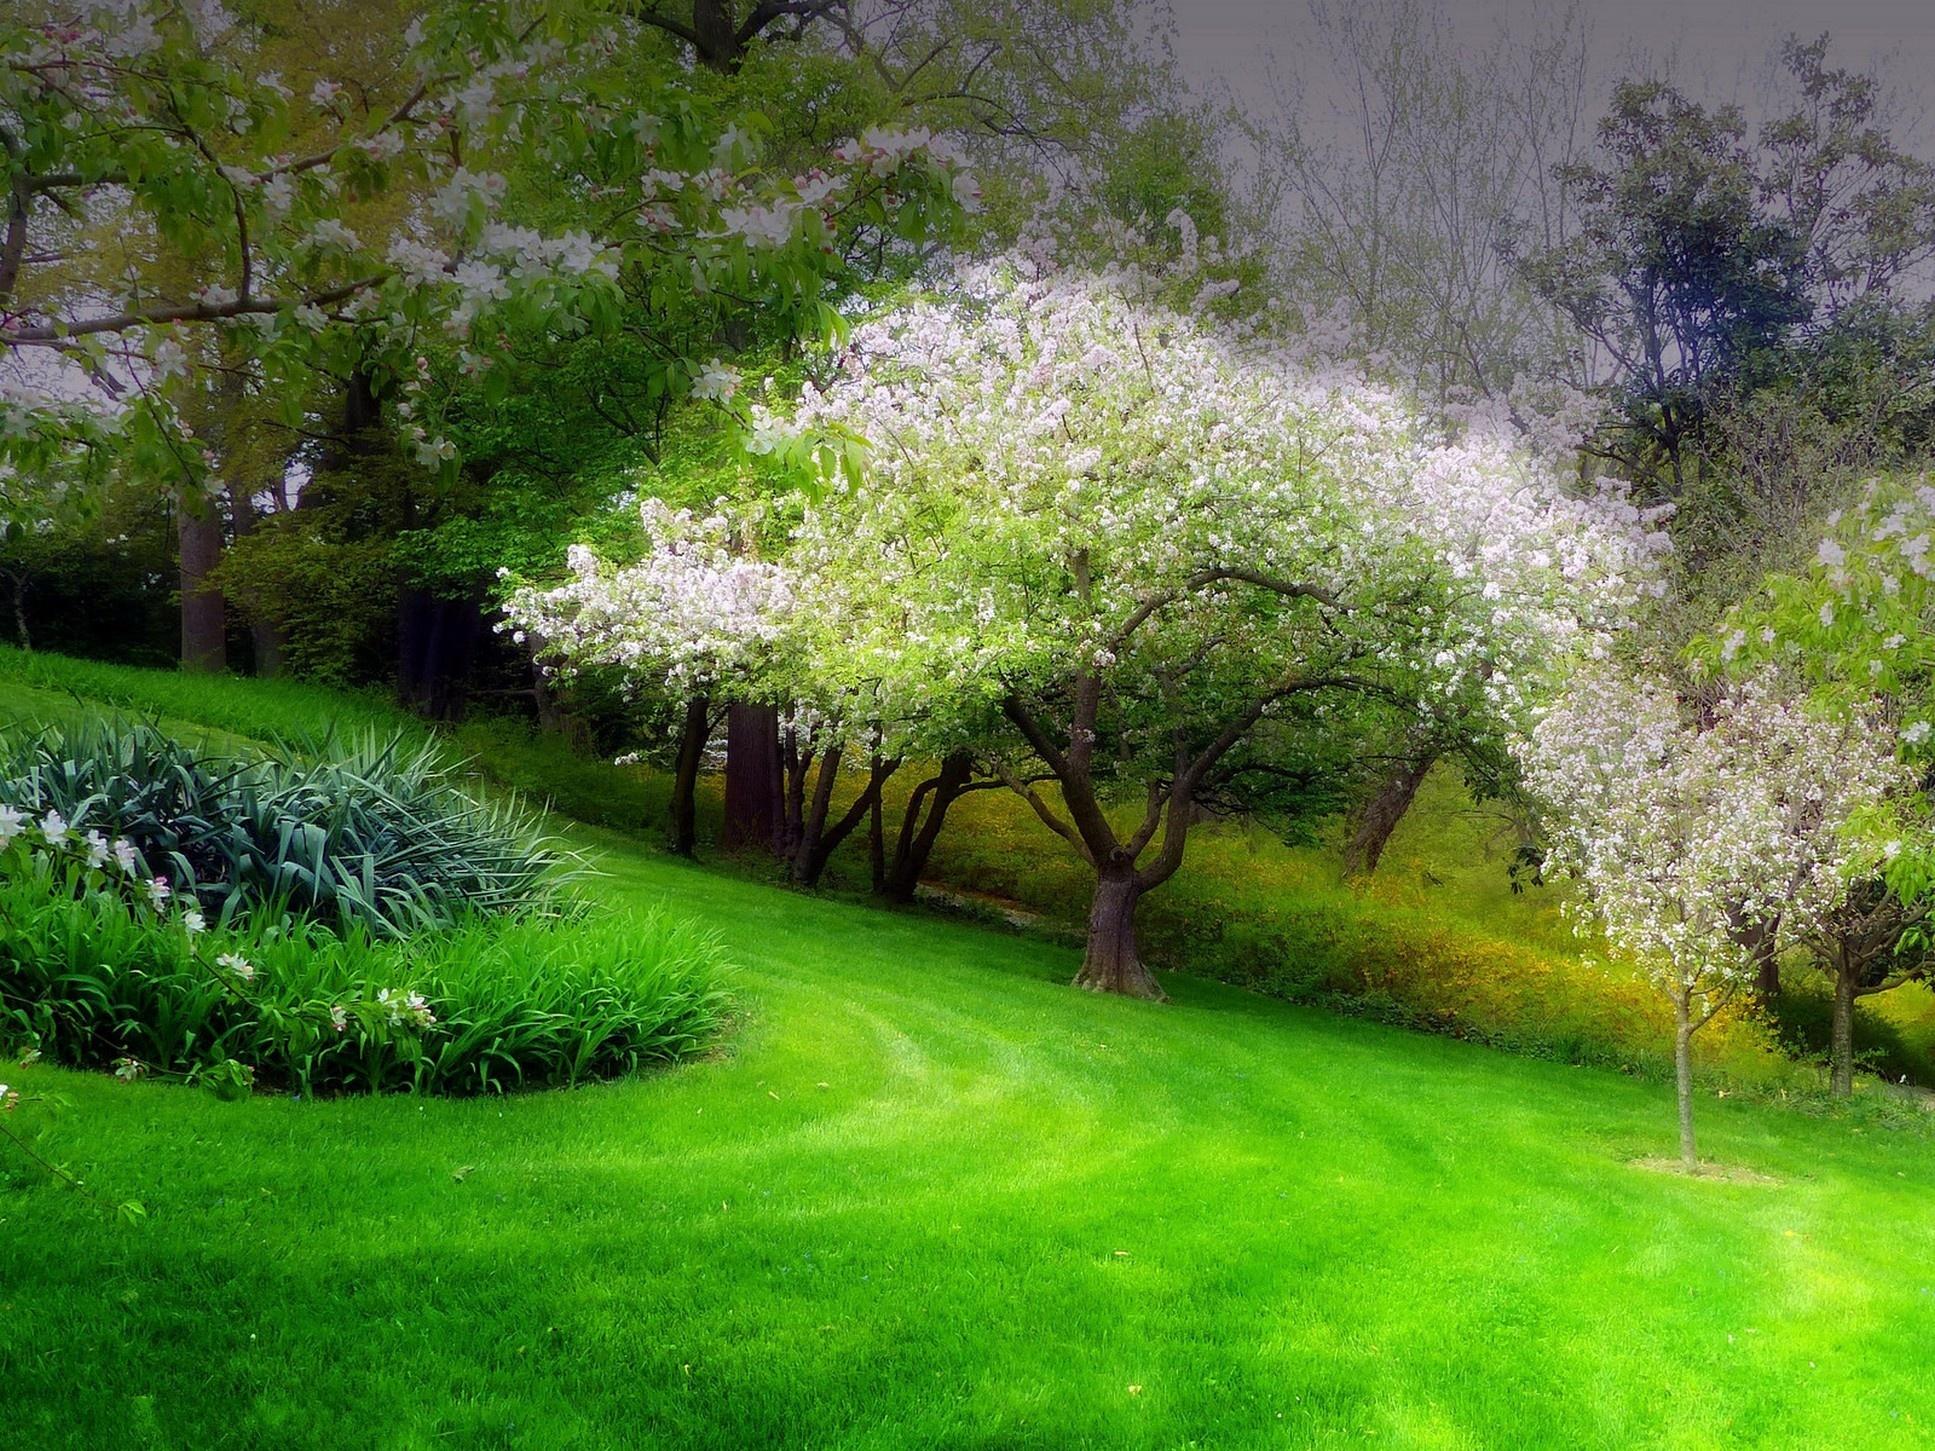 природа трава река цветы деревья парк nature grass river flowers trees Park скачать